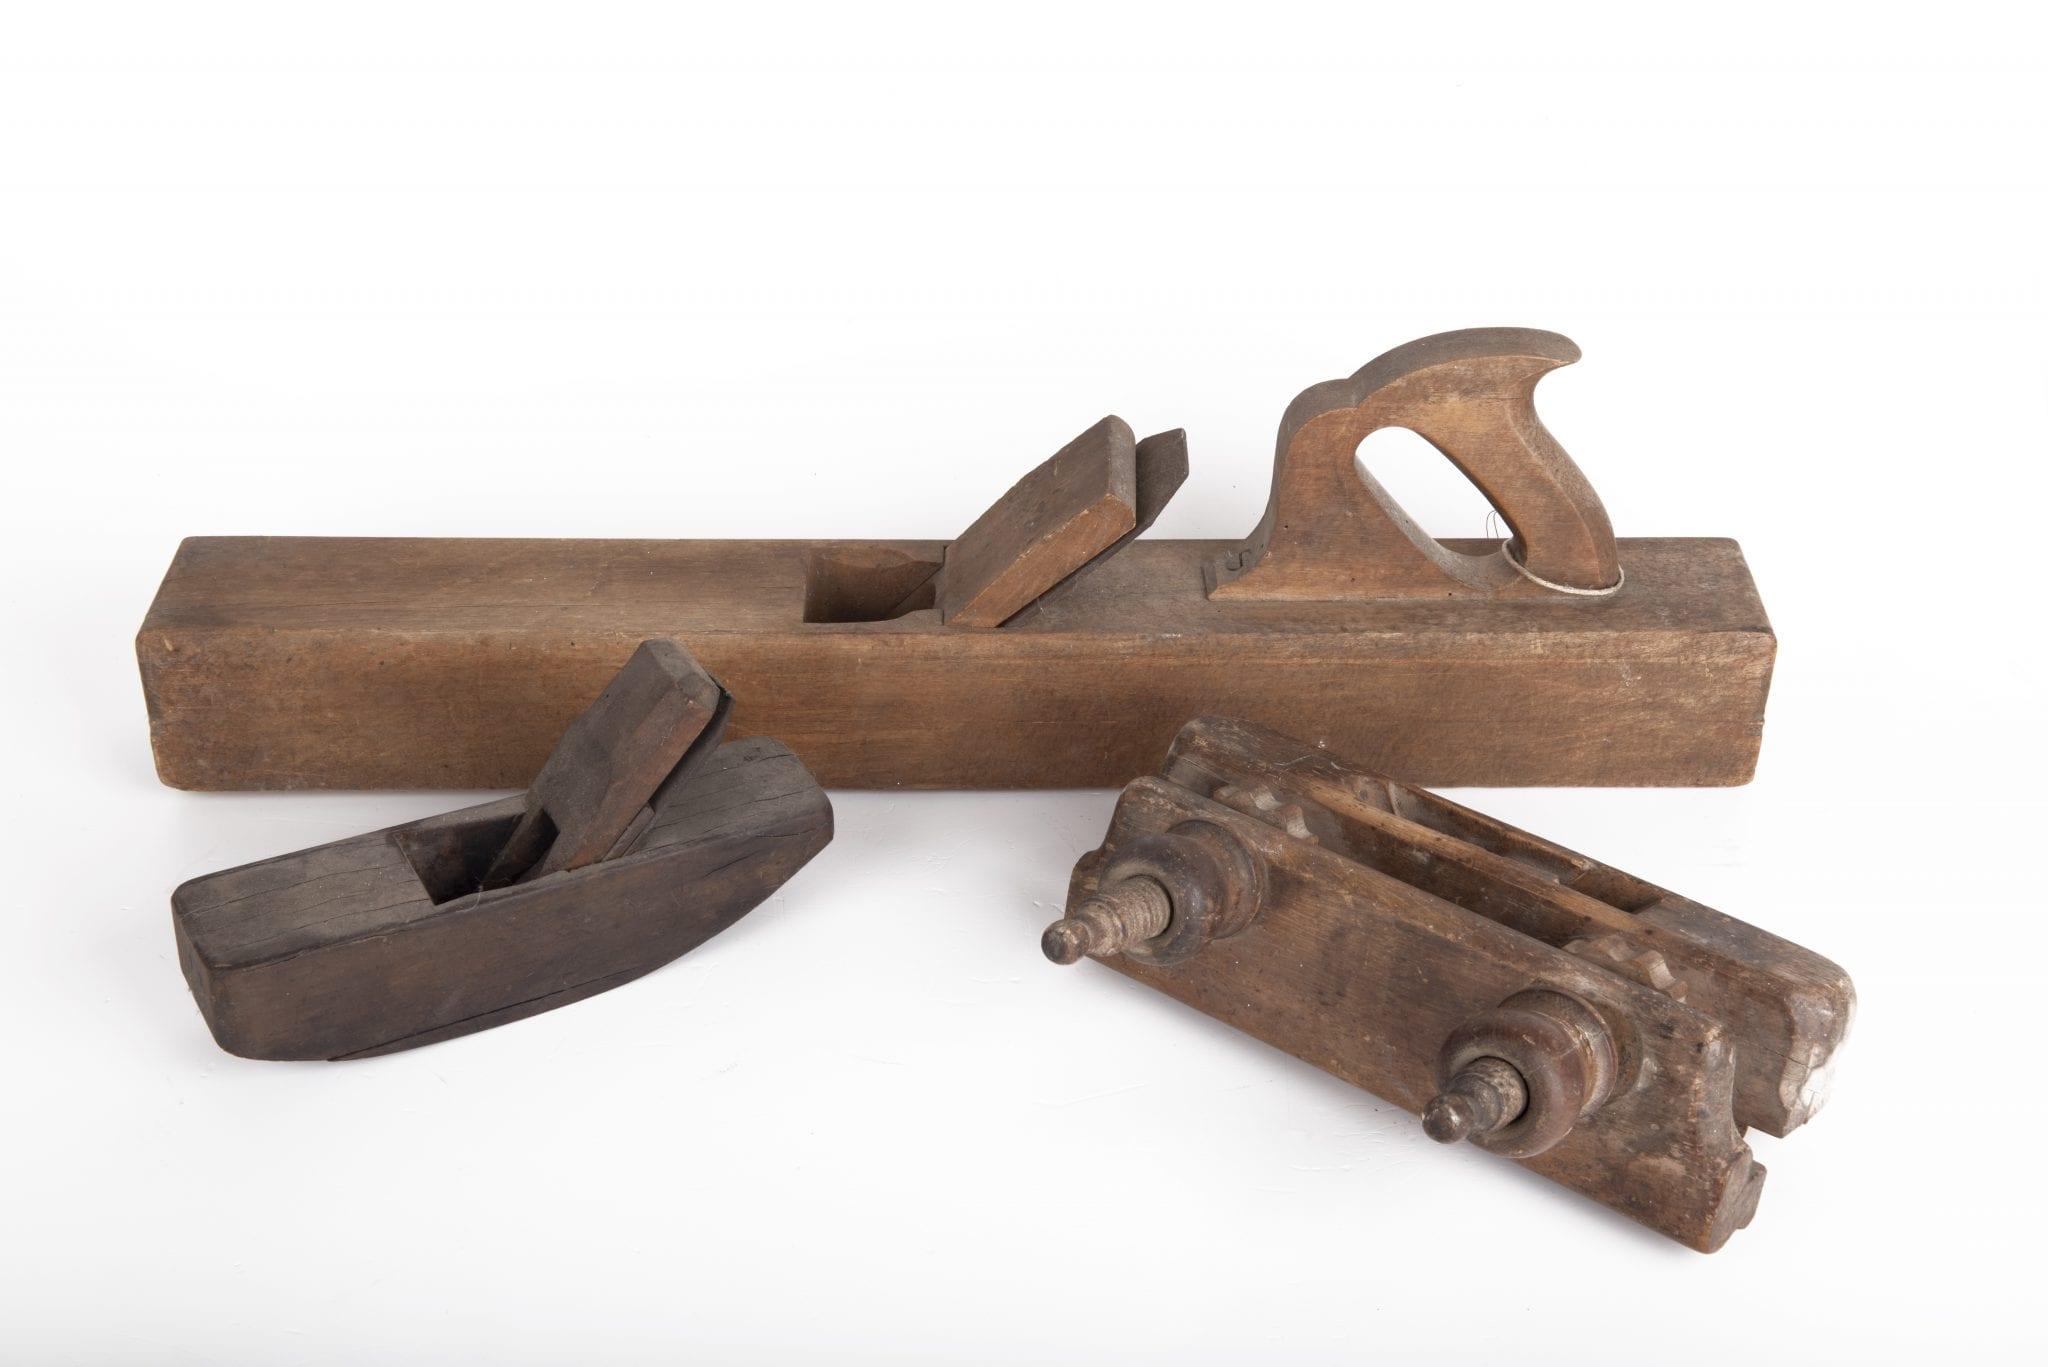 כלי נגרות עתיקים